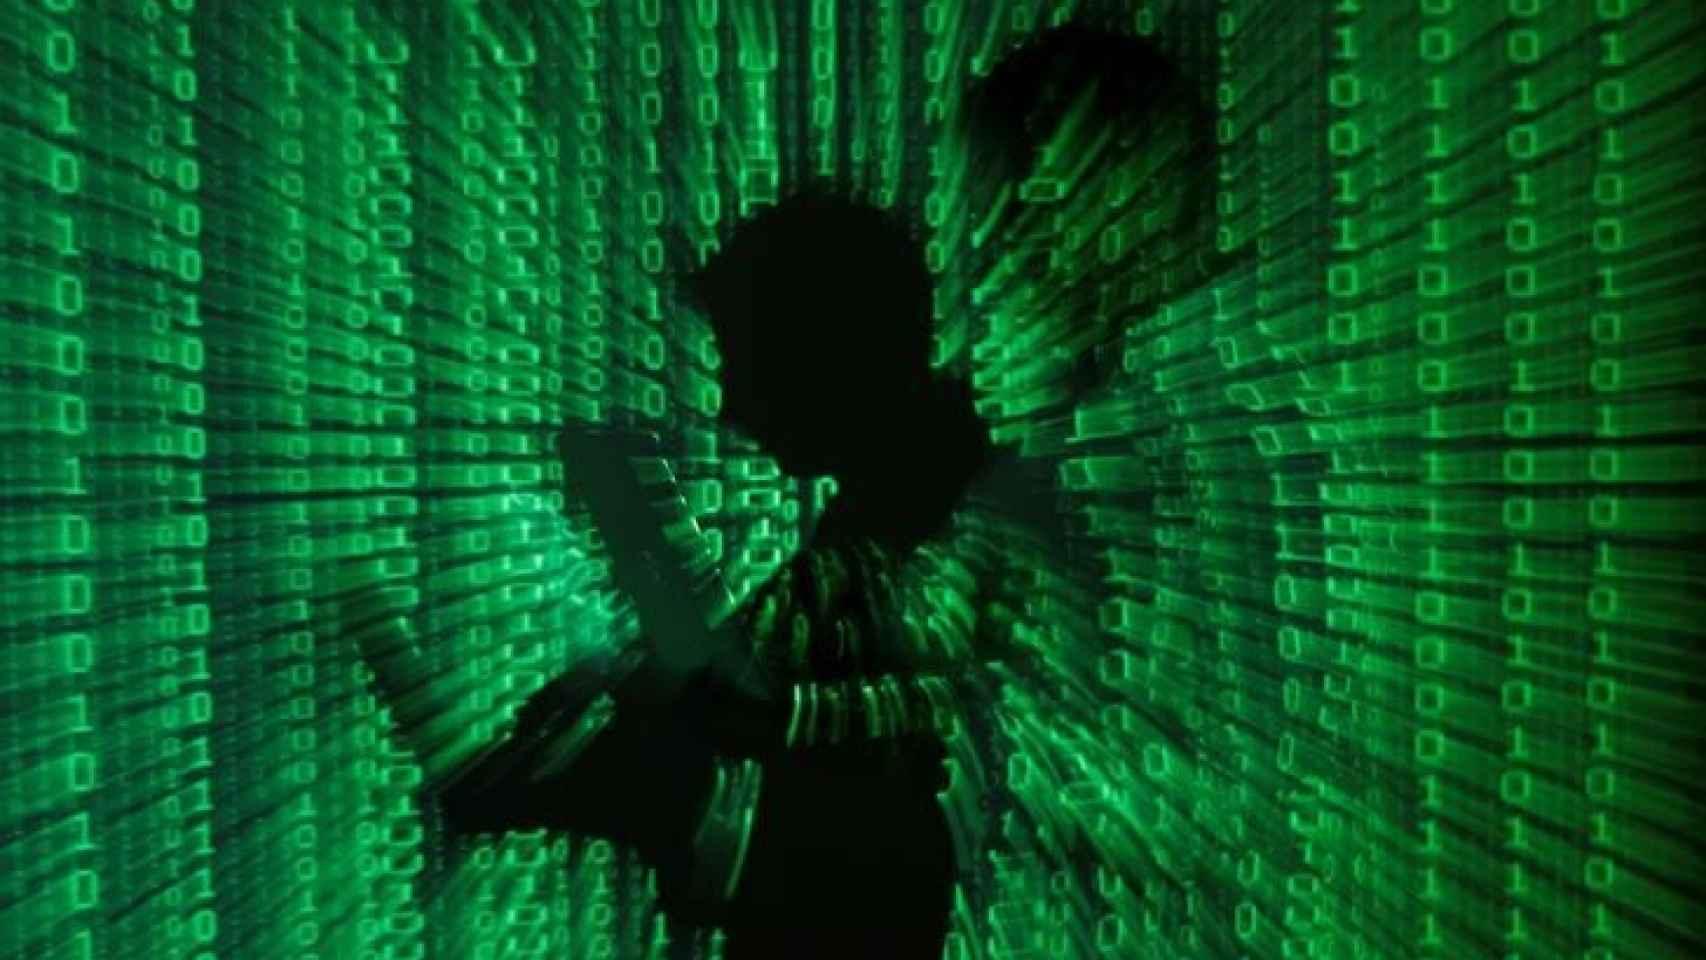 Ilustración de un hombre tecleando sobre un código binario.